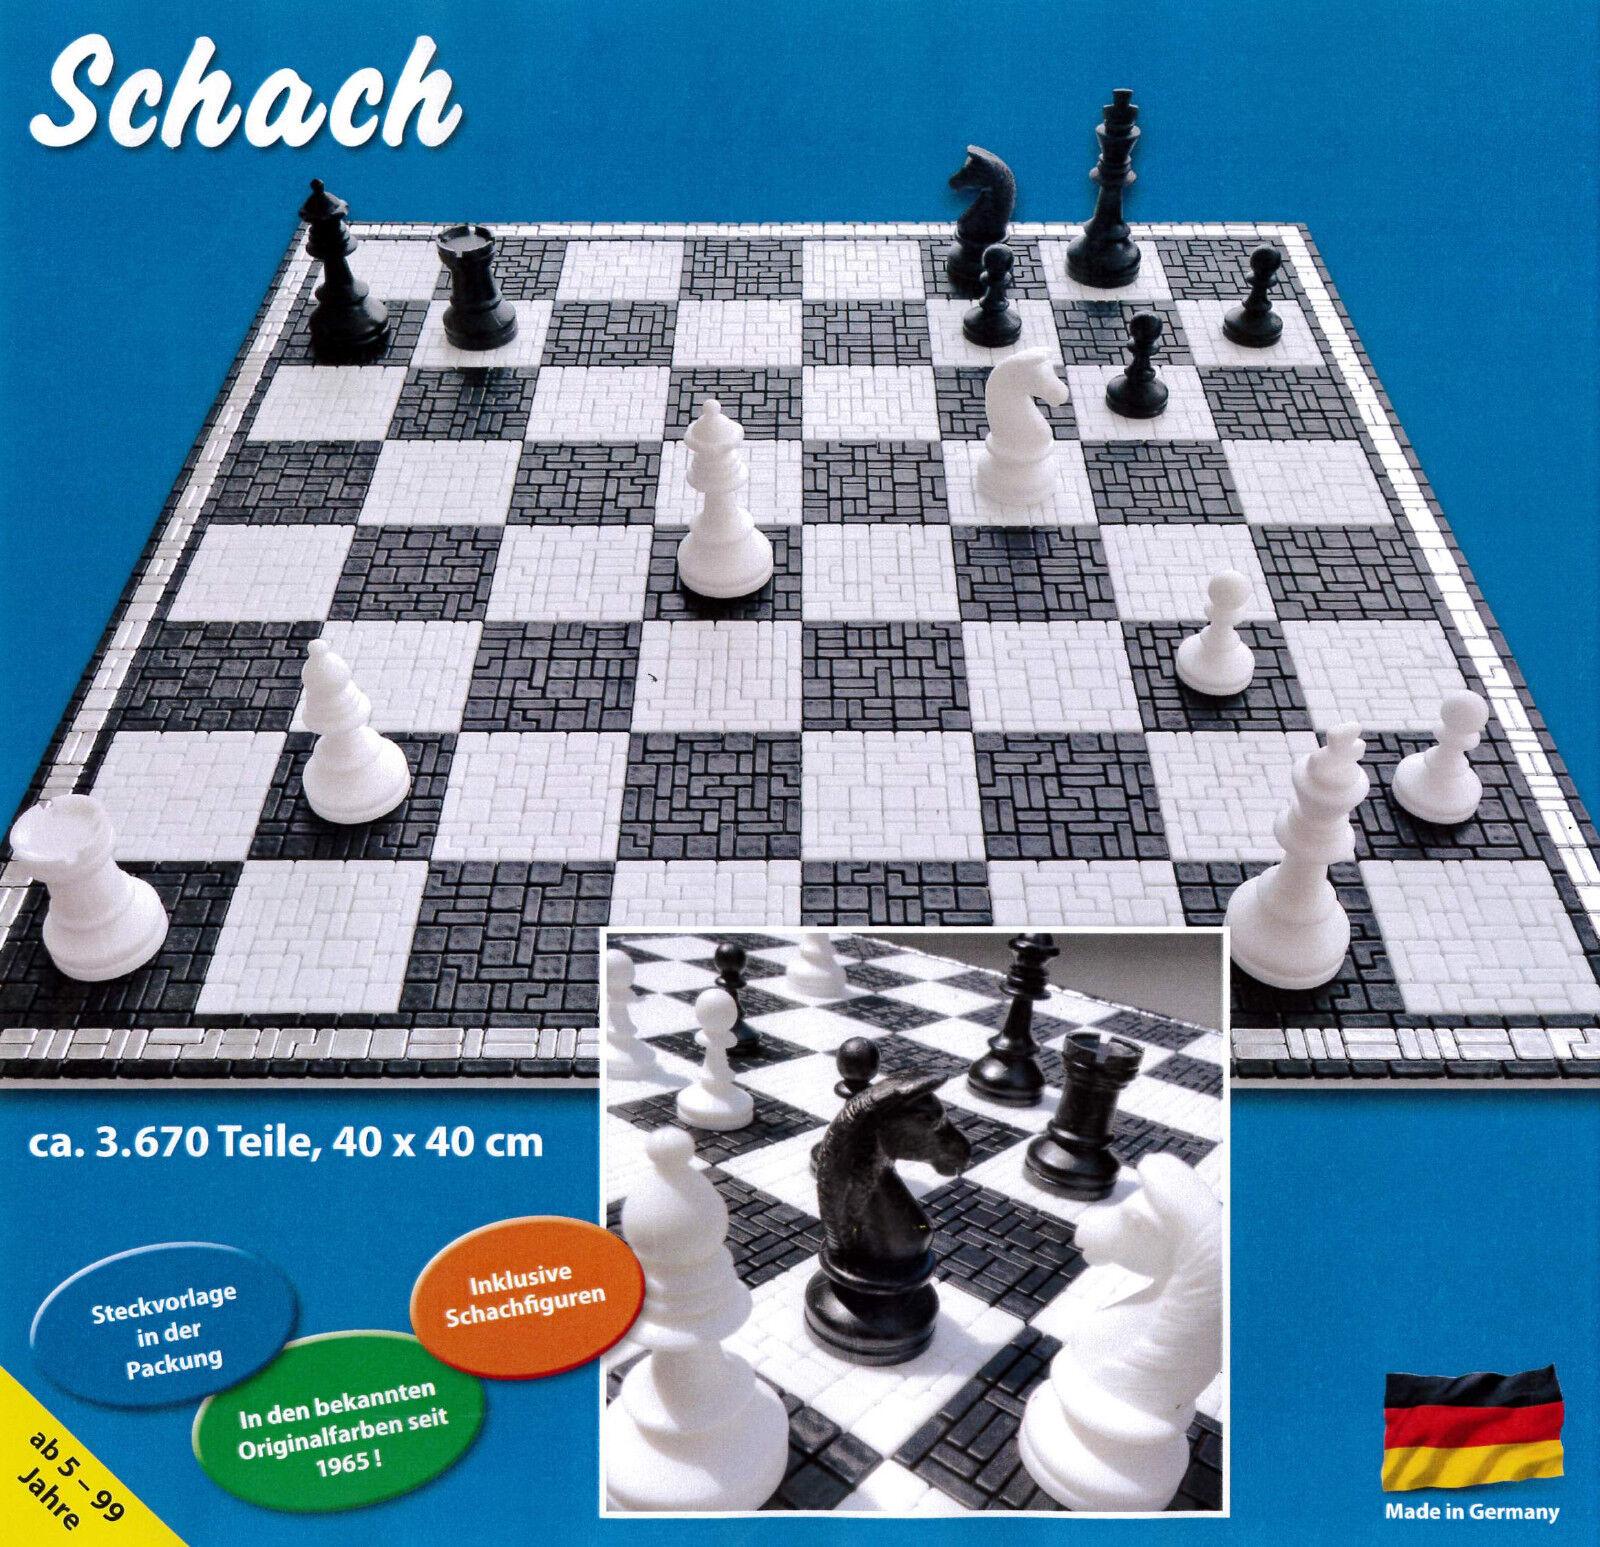 Mini Stecksystem Schachspiel 2 in 1 incl. Schachfiguren Satz KH 74 mm Nr. 42137